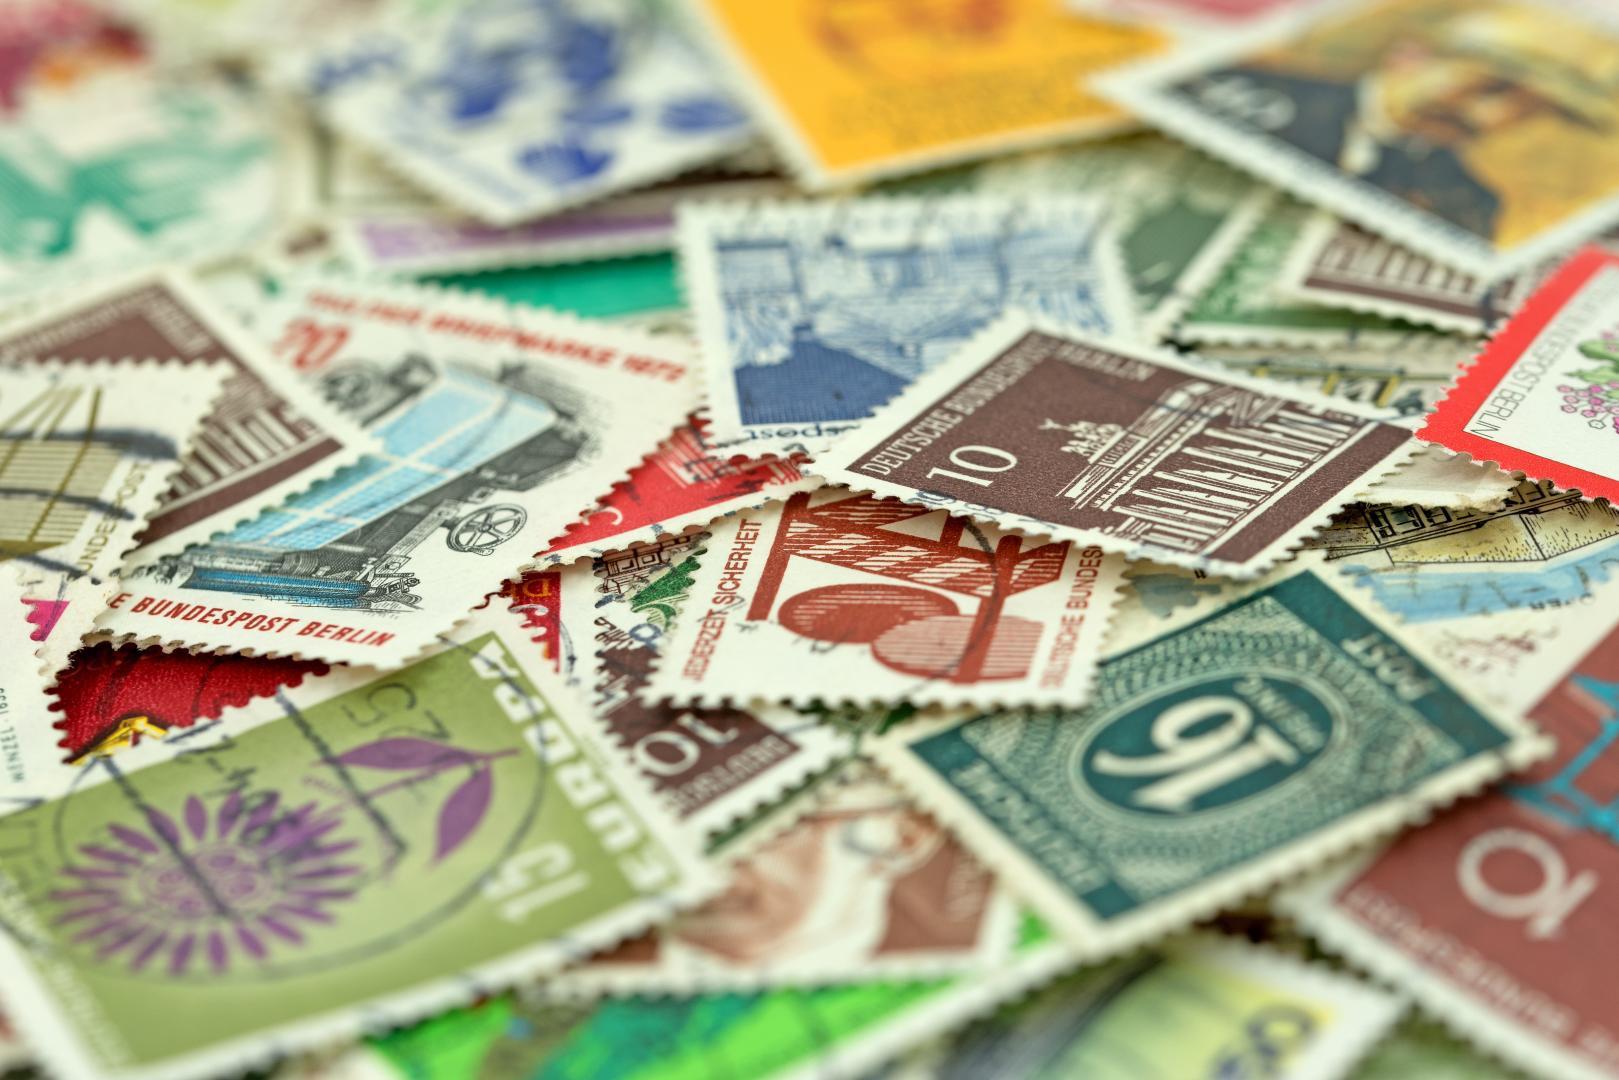 Vielfältige Briefmarken